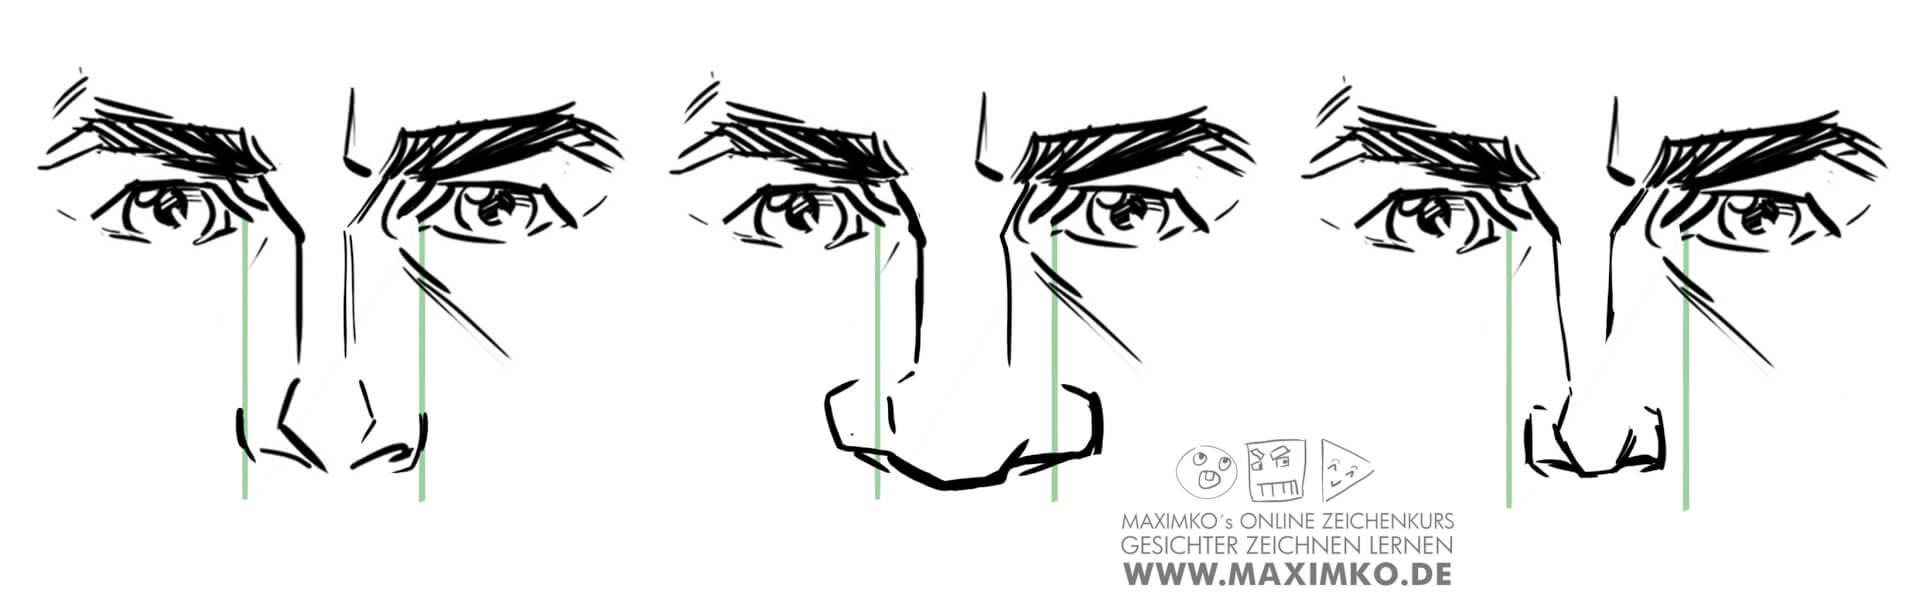 nase zeichnen lernen tutorial online kurs workshop breite schmale nase maximko